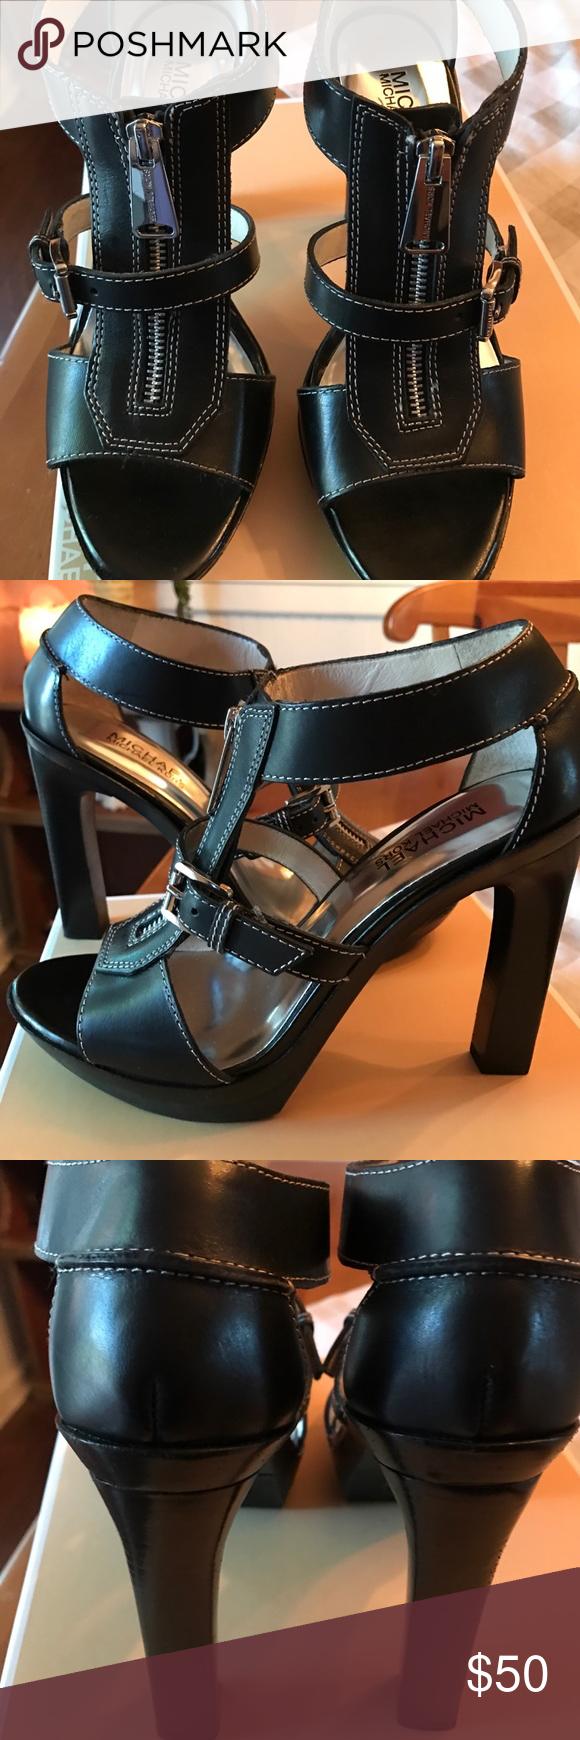 256ee073bf7 Michael Kors Black Heels 8 Michael Kors black heels with silver ...